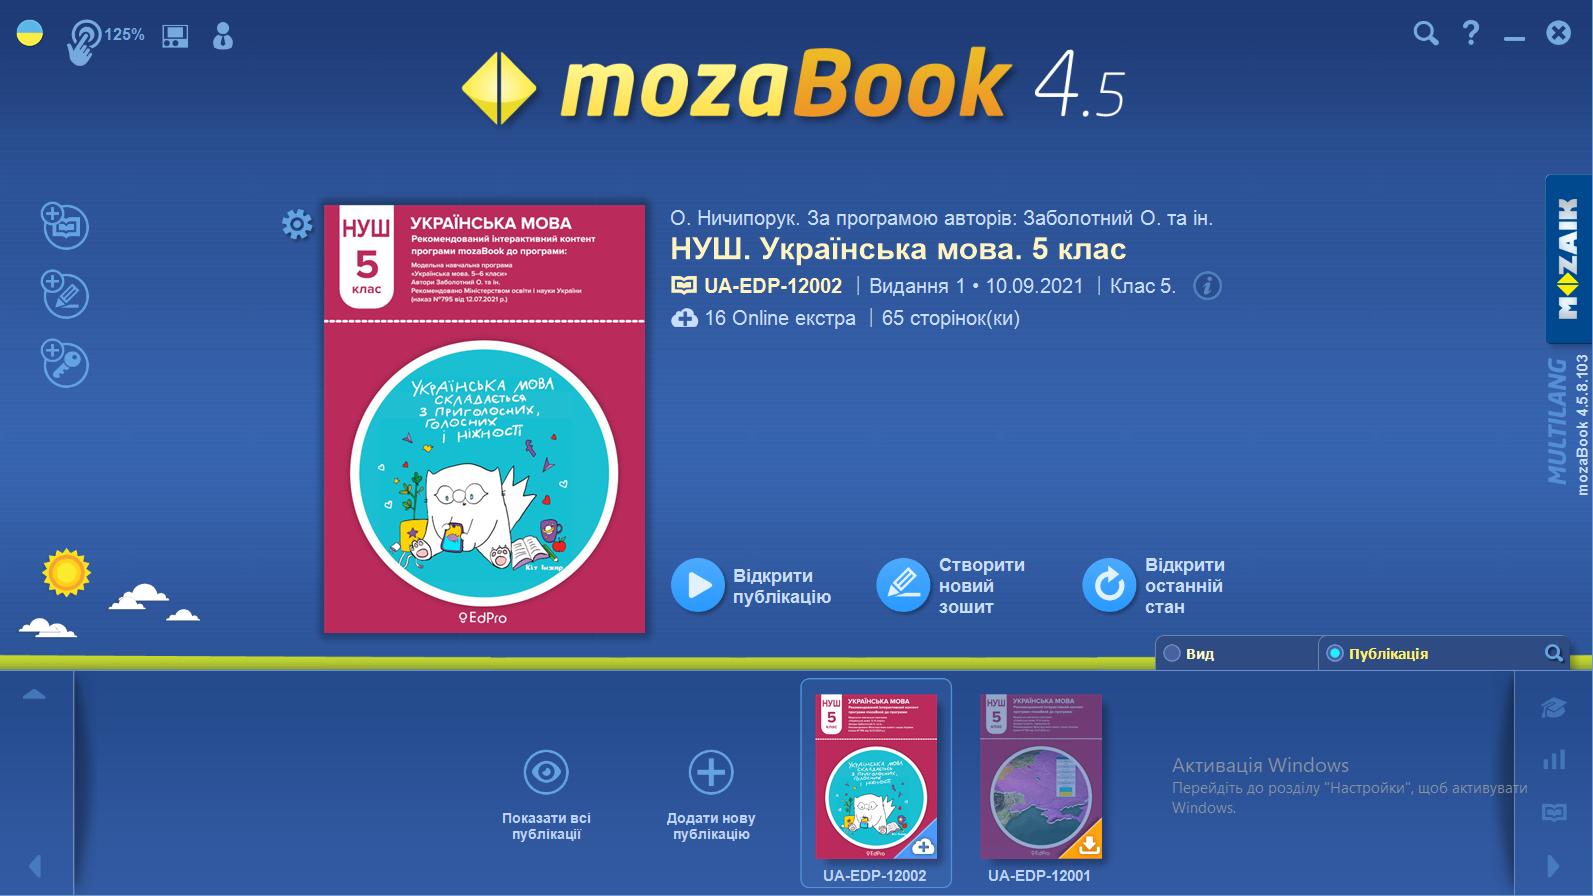 блог EdPro, mozaBook, mozaWeb, інтерактивні панелі, СЕртифіката для вчителів, навчання для вчителів